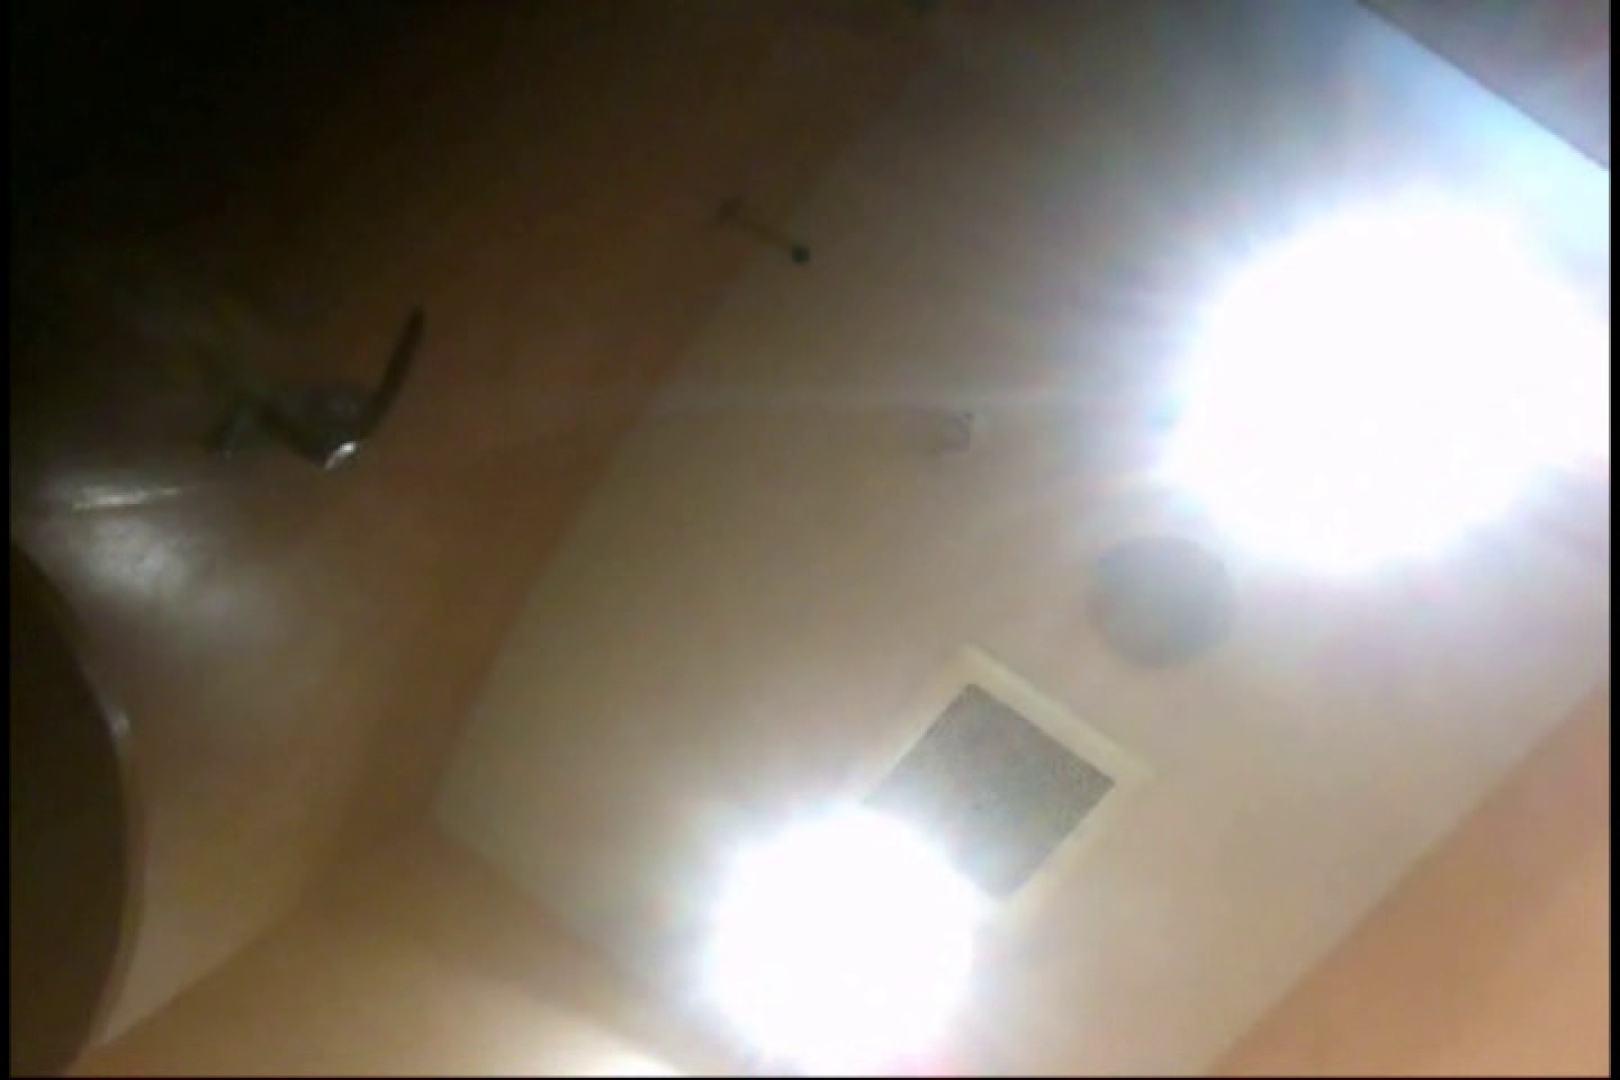 画質向上!新亀さん厠 vol.59 美しいOLの裸体 盗撮動画紹介 95pic 68